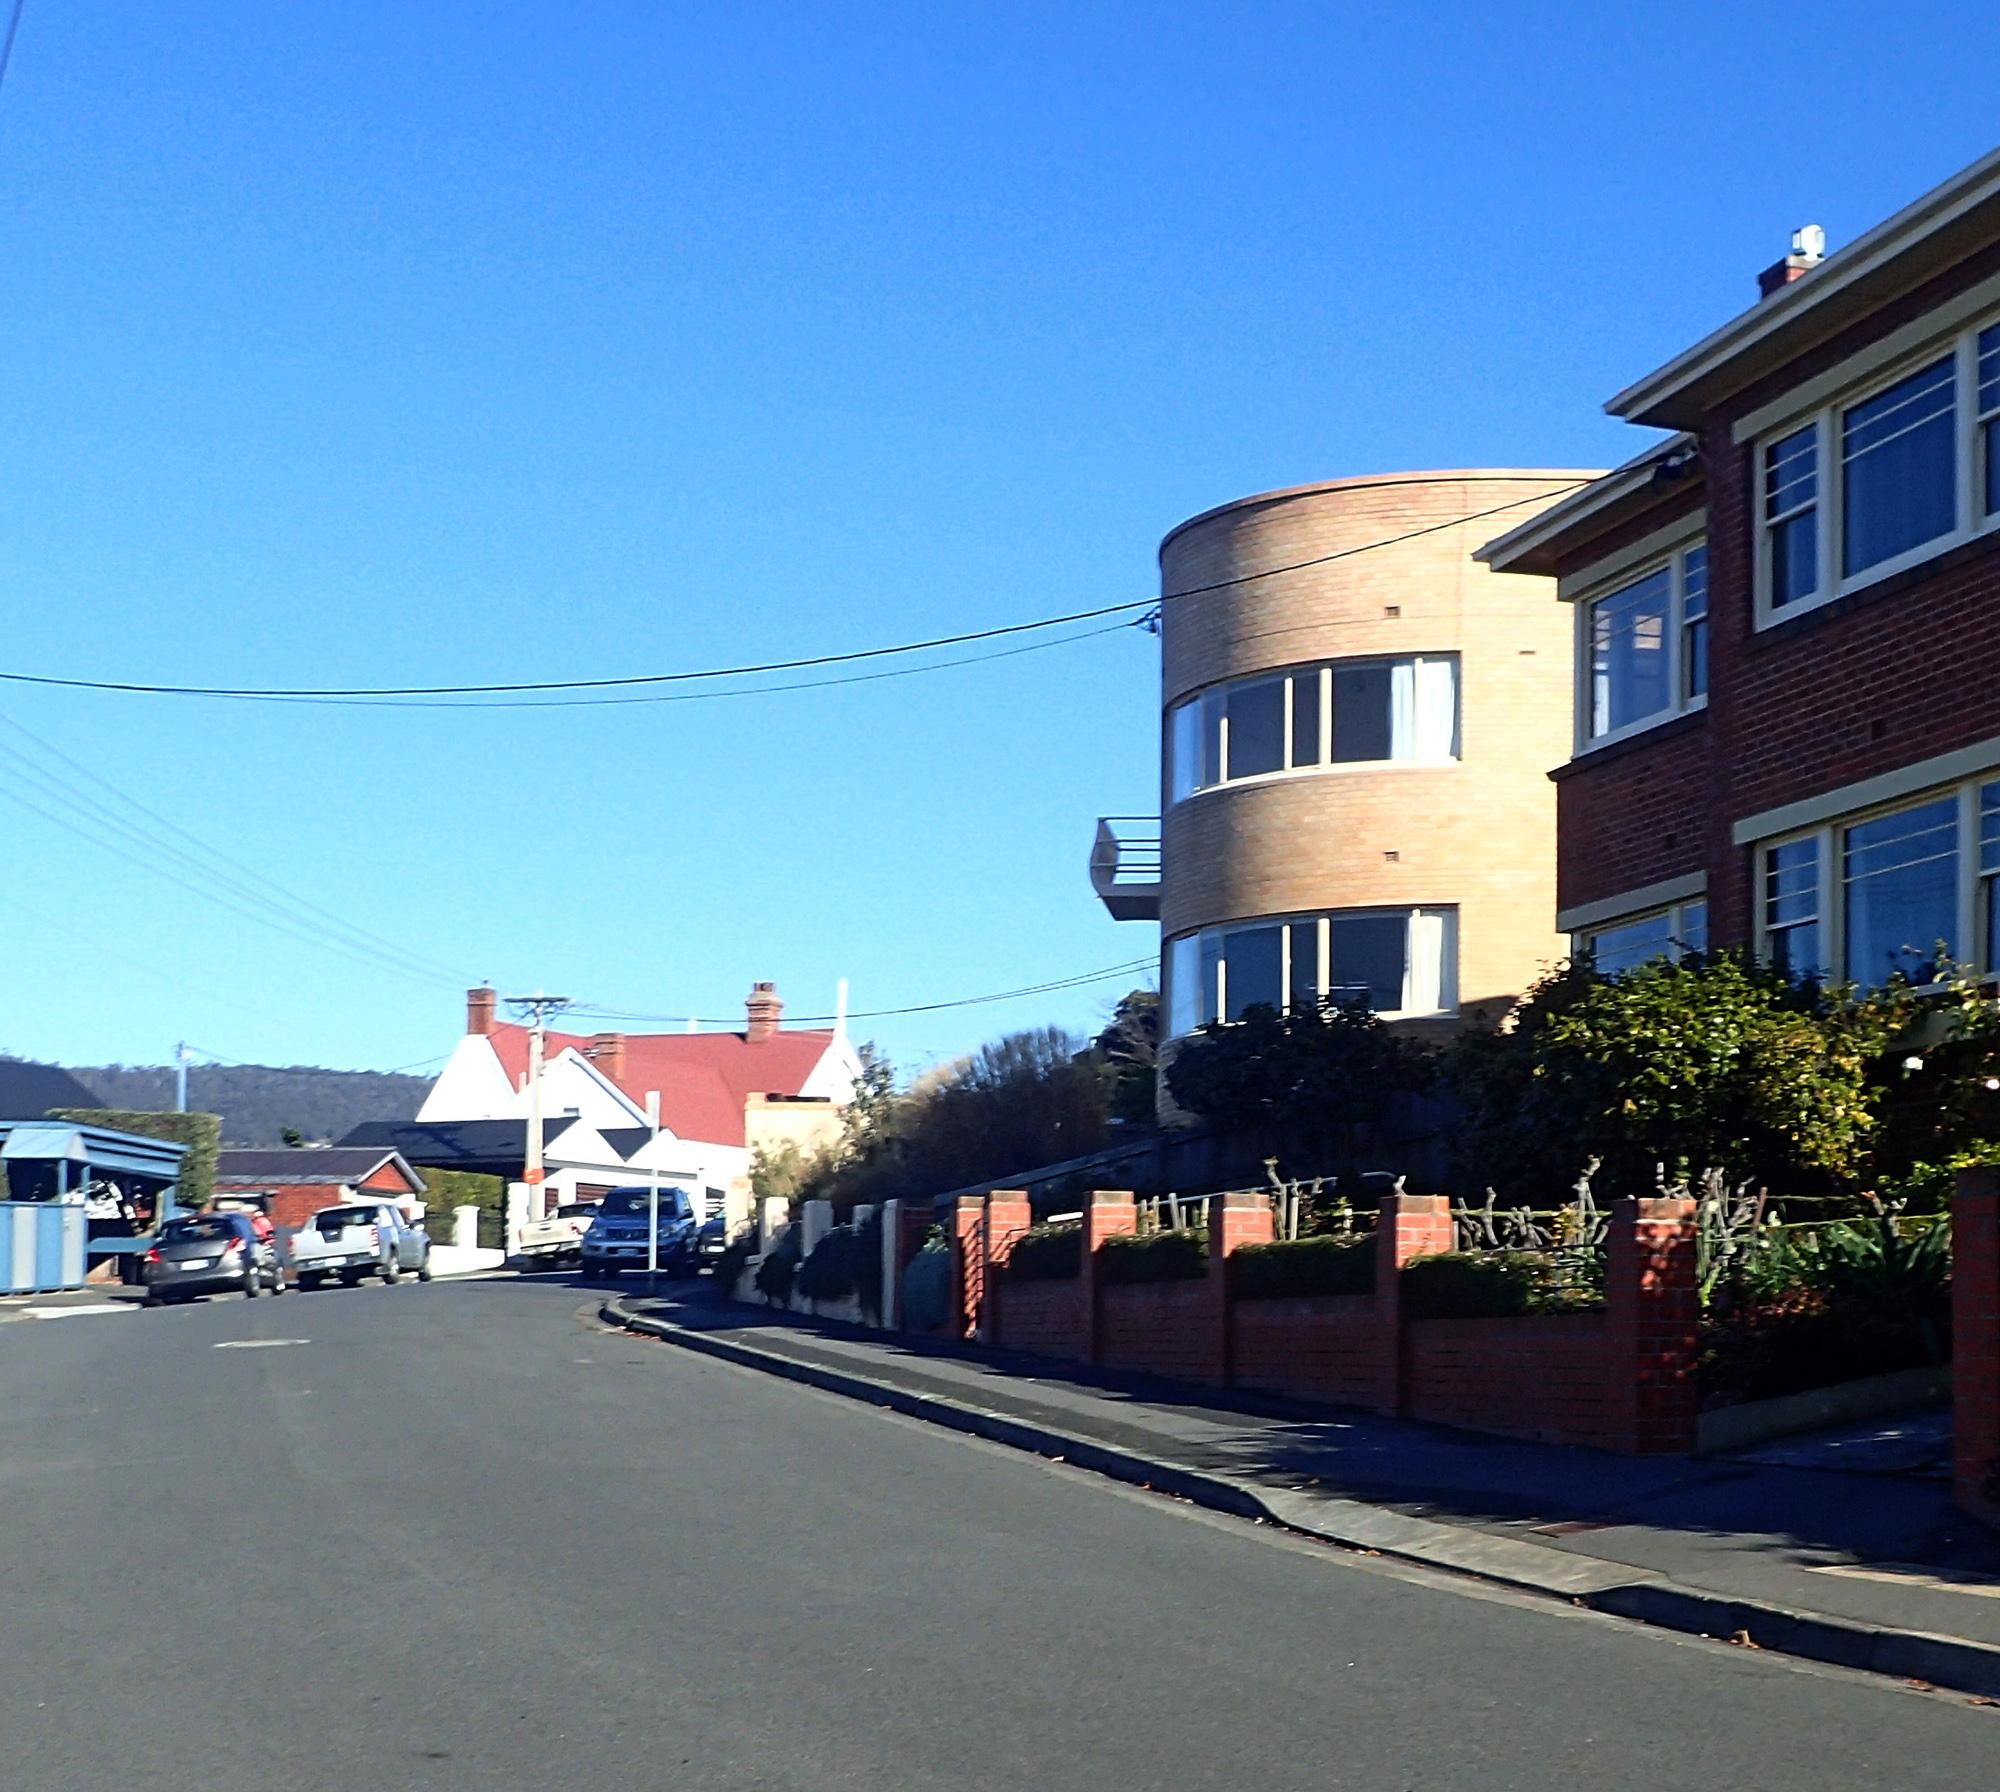 Clarke Avenue by John Sumby